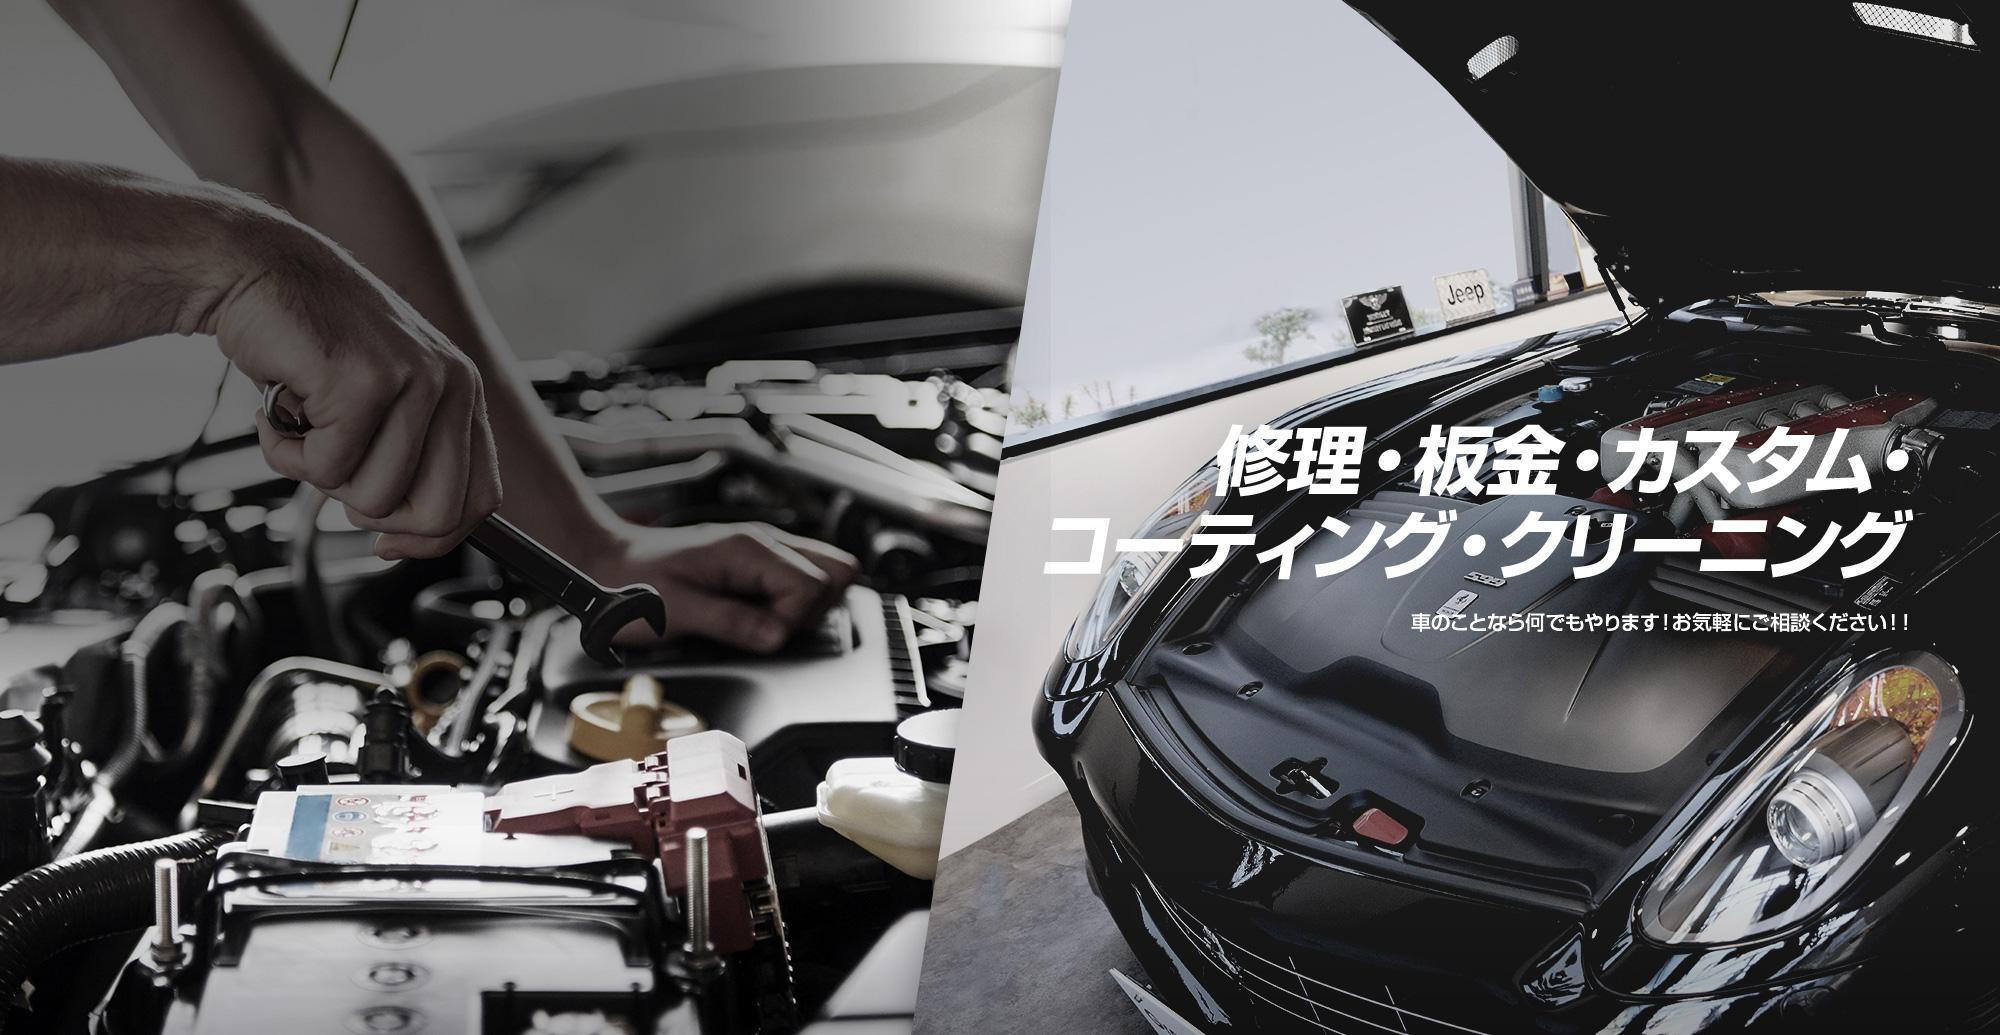 修理・板金・カスタム・コーティング・クリーニング 車のことなら何でもやります! お気軽にご相談ください!!